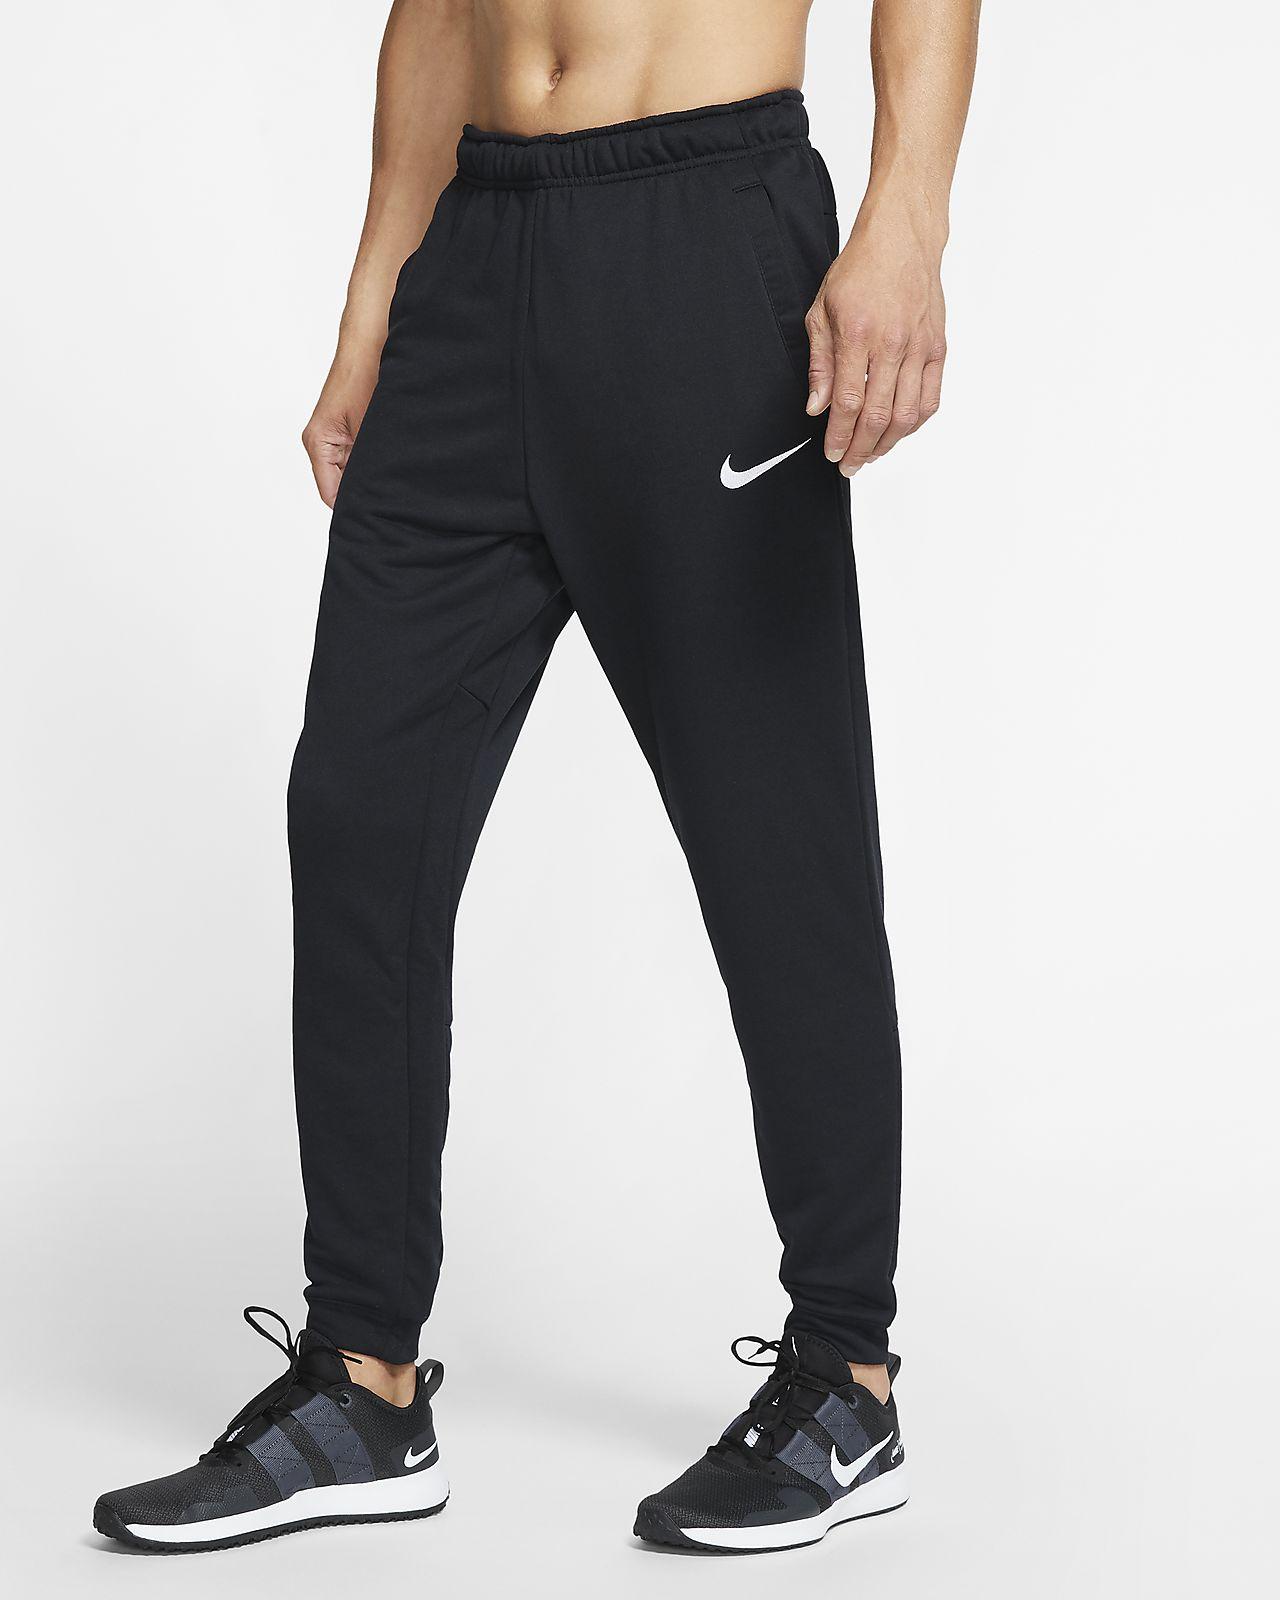 buscar original buena calidad comprar bien Pantalones de entrenamiento de tejido Fleece entallados para hombre Nike  Dri-FIT